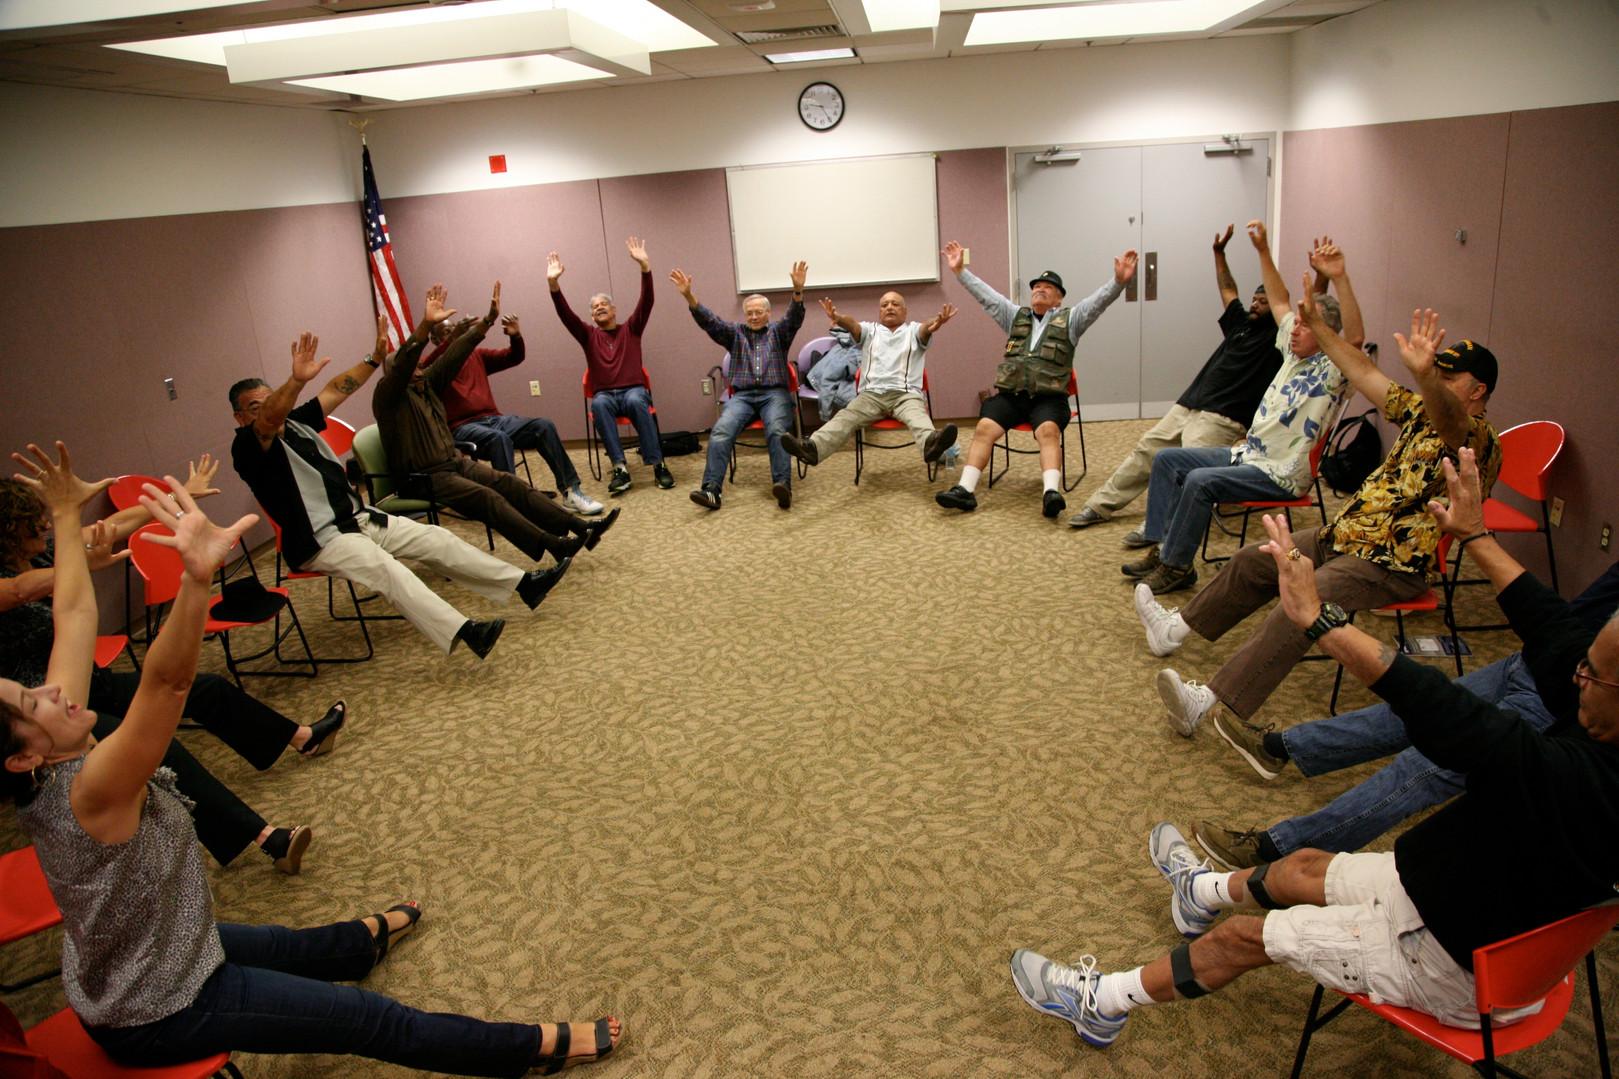 Dance for Veterans Program, 2009-Present